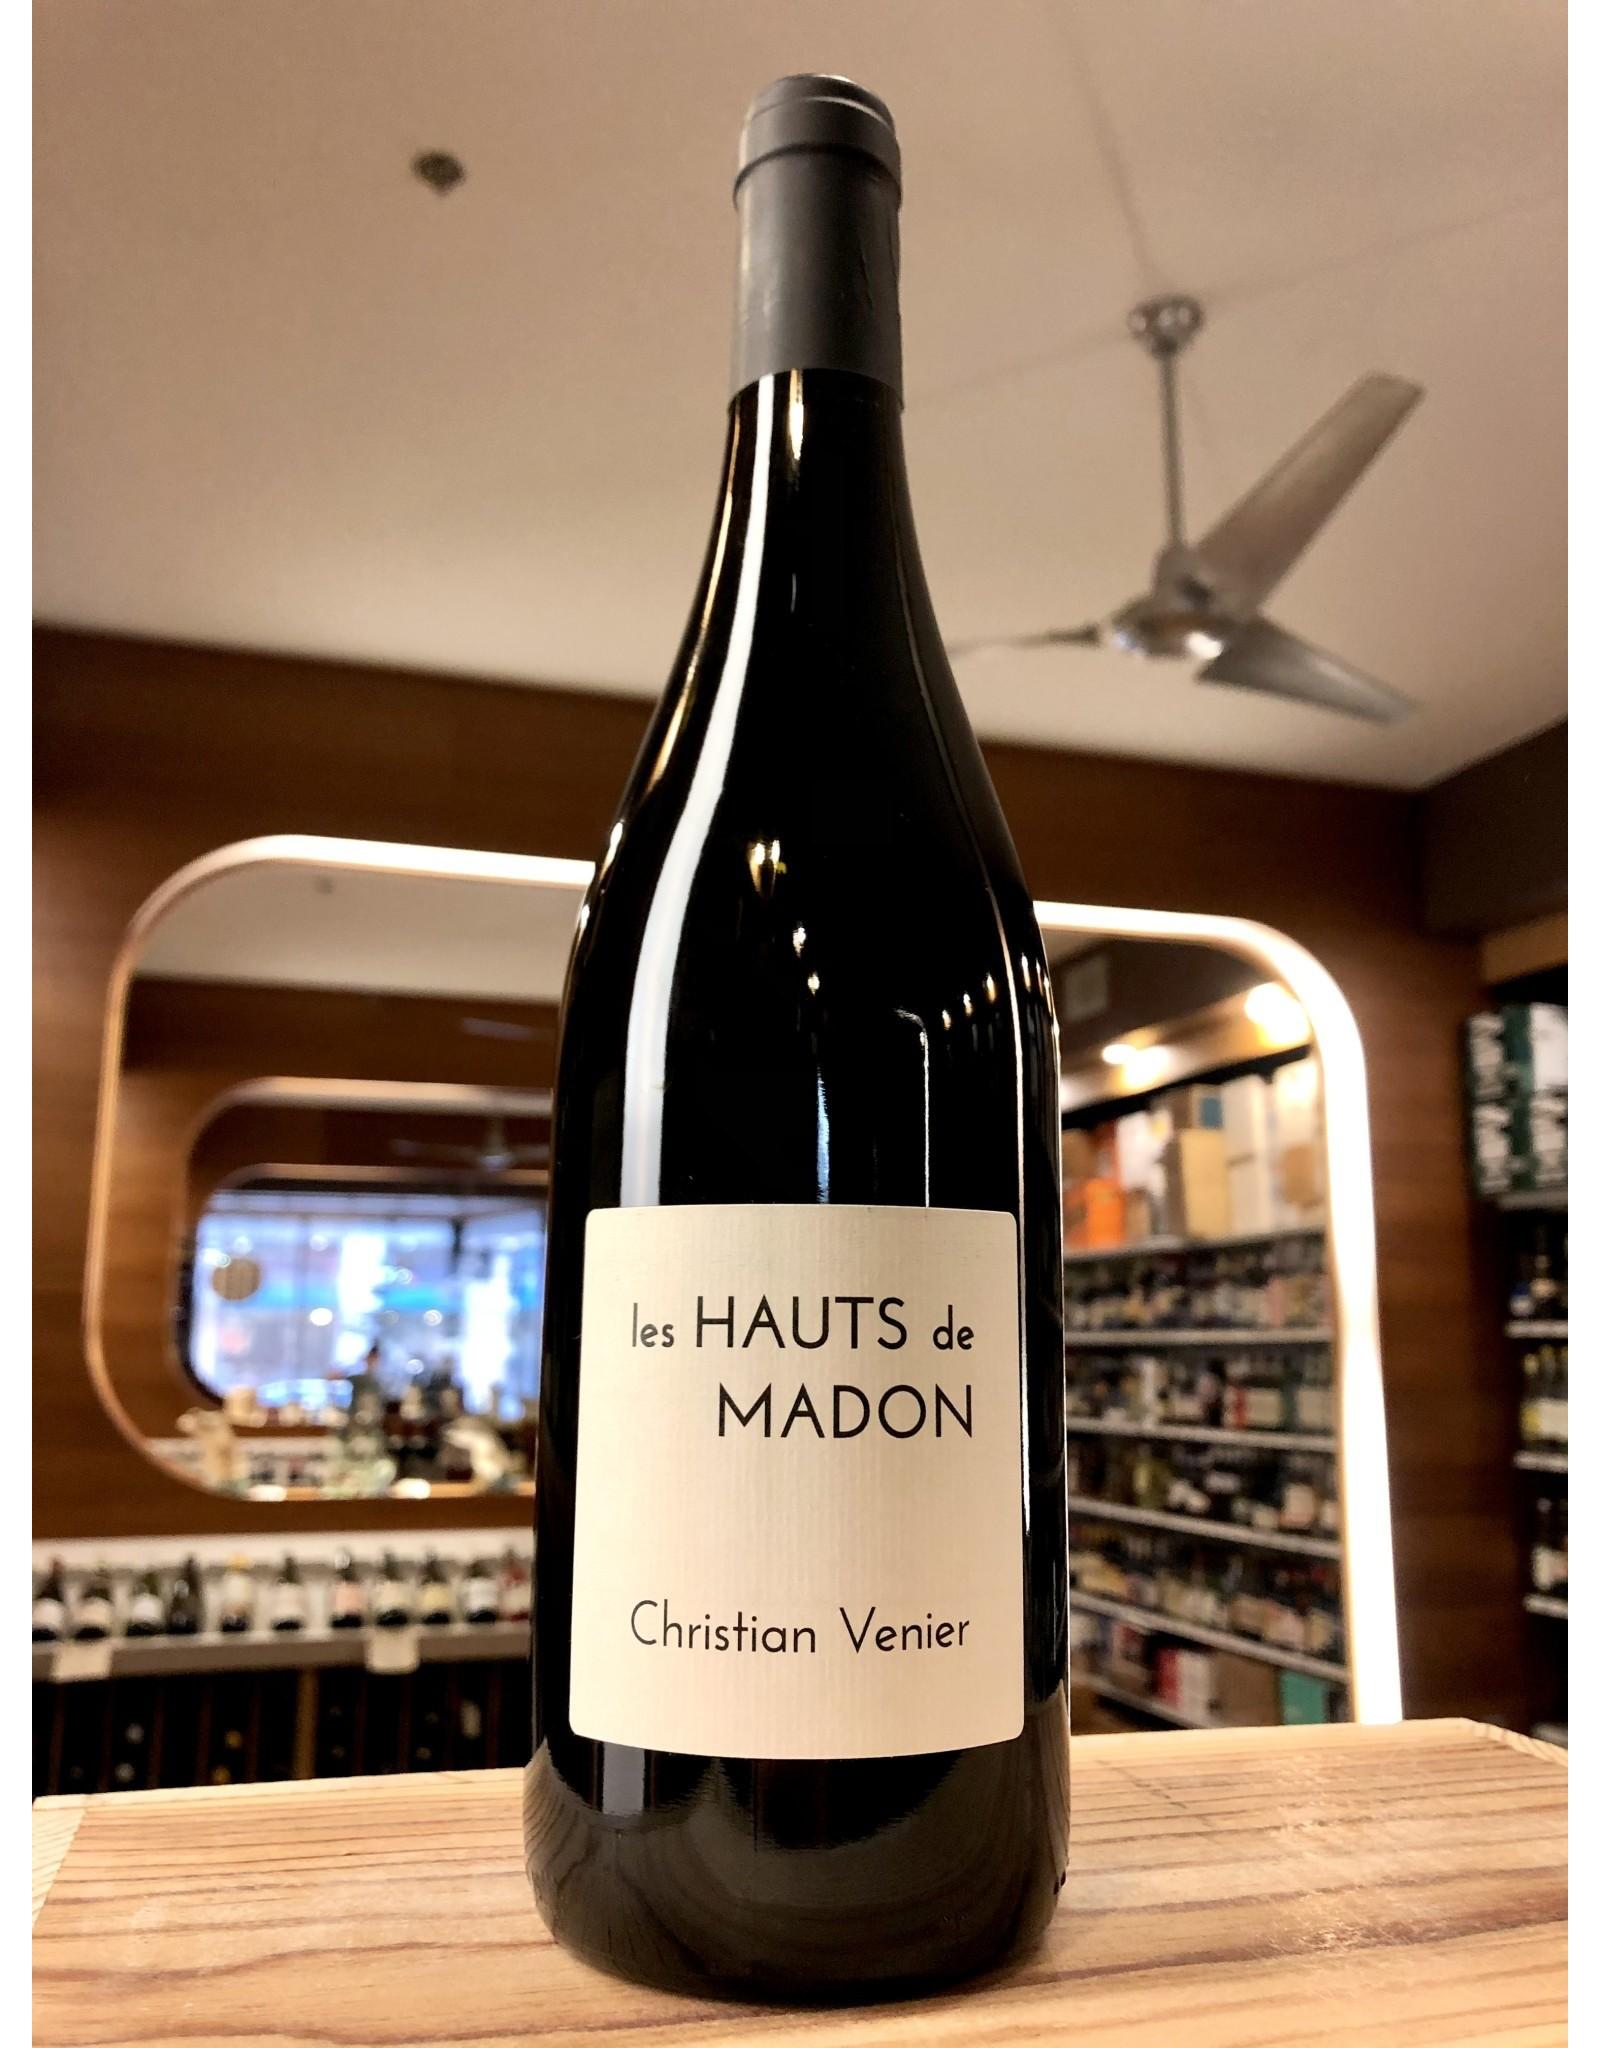 Christian Venier Les Hauts de Madon - 750 ML